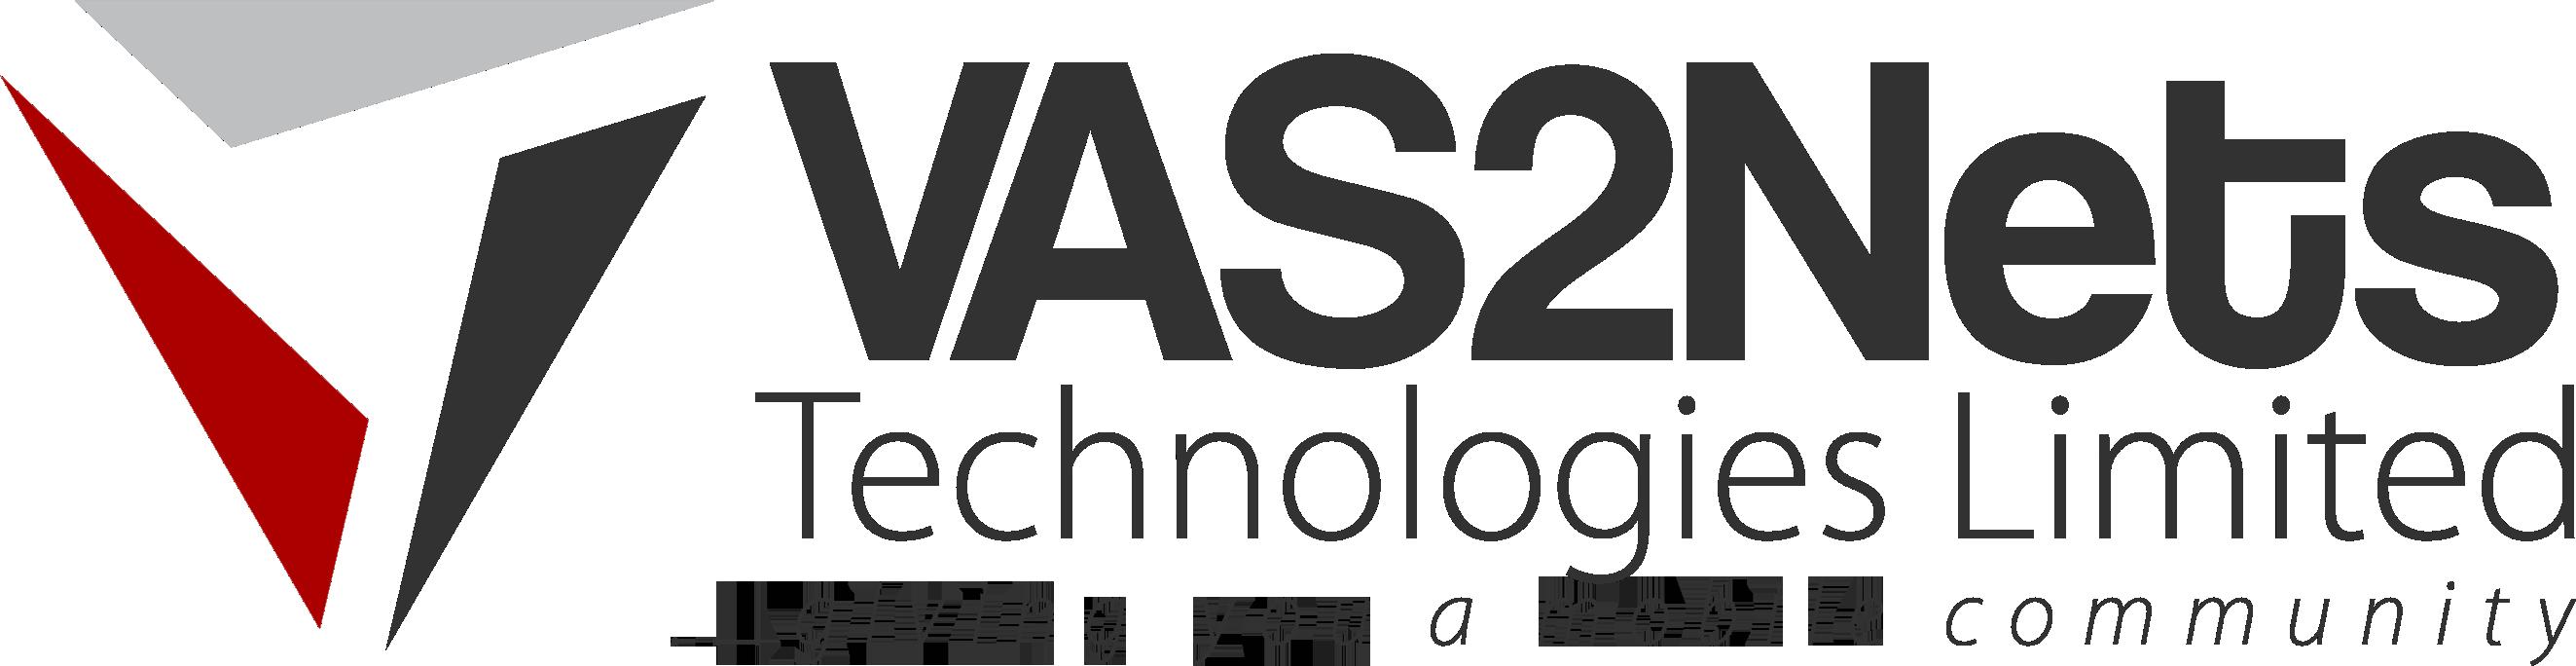 vas2net-logo